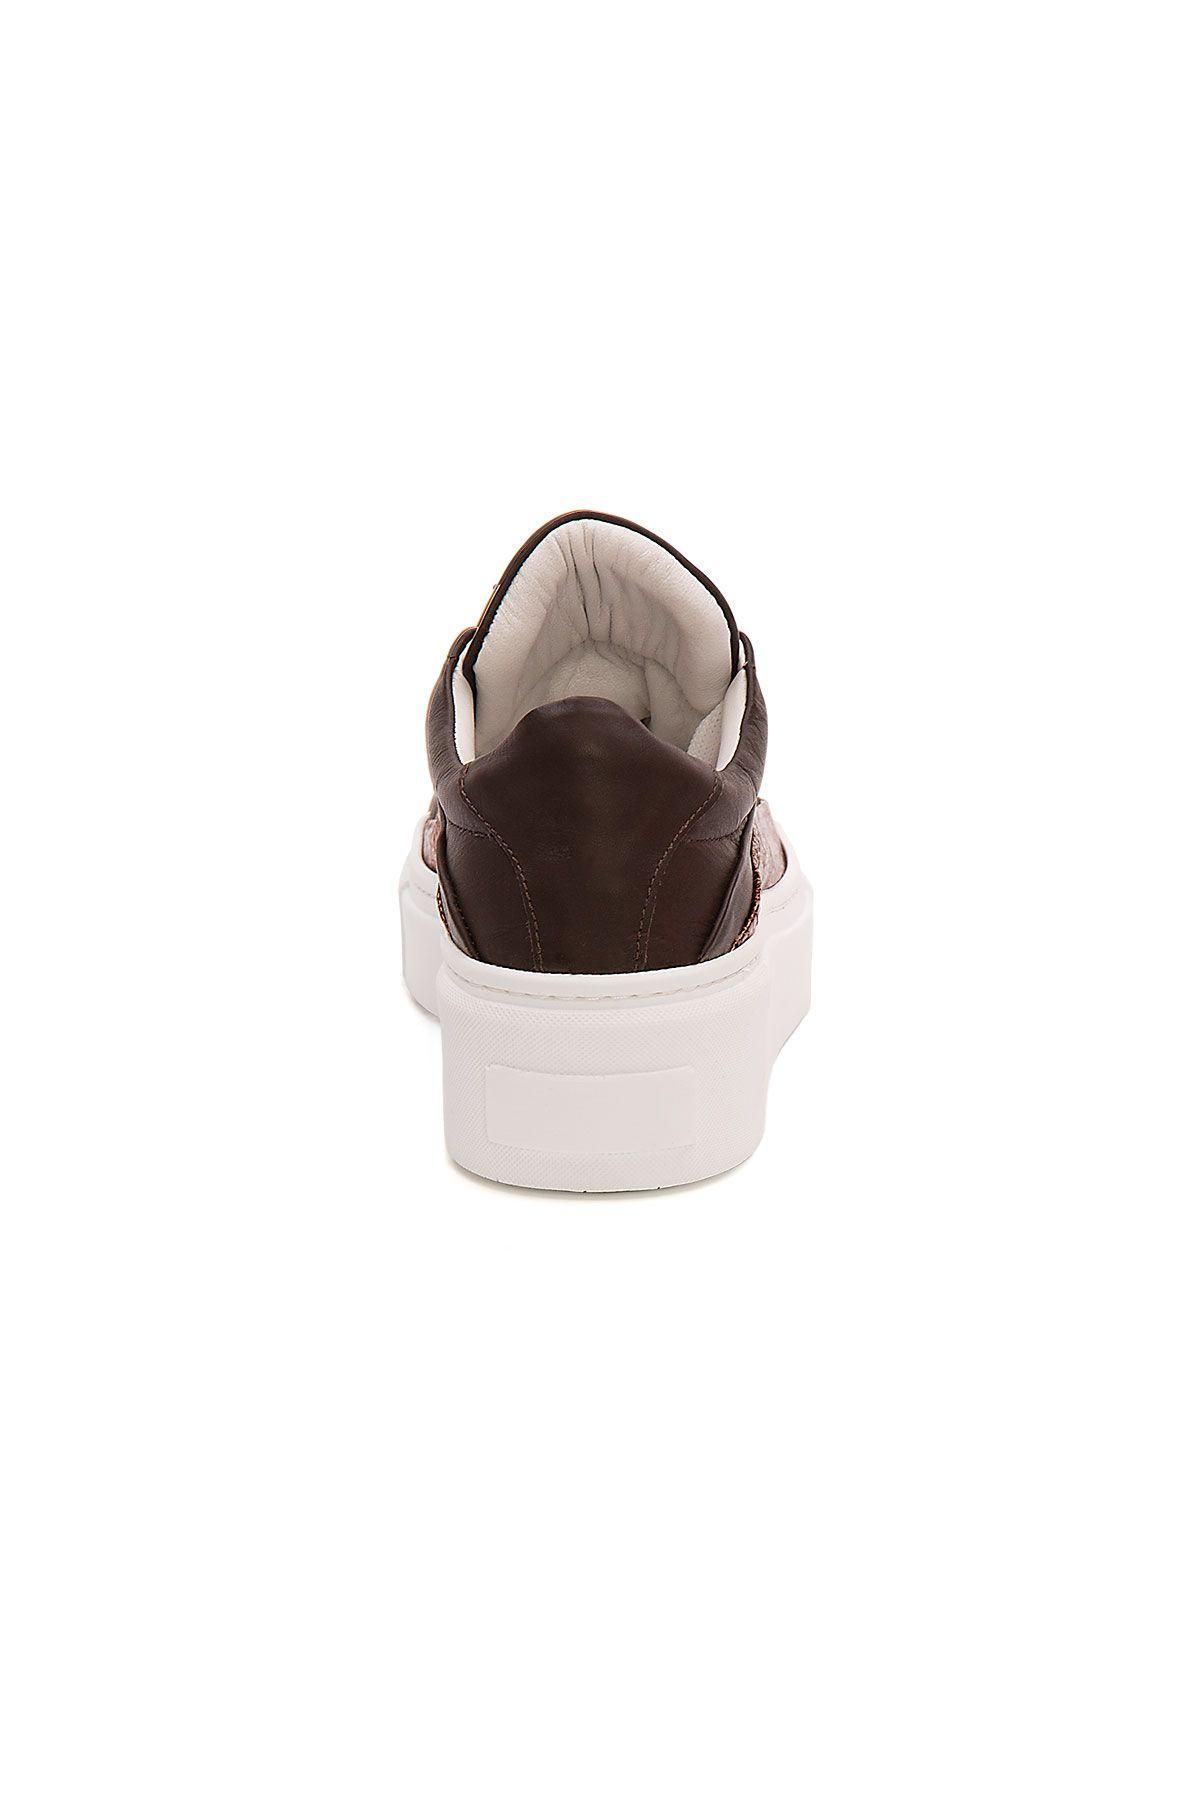 Pegia Genuine Leather Women's Sneaker LA1626 Brown